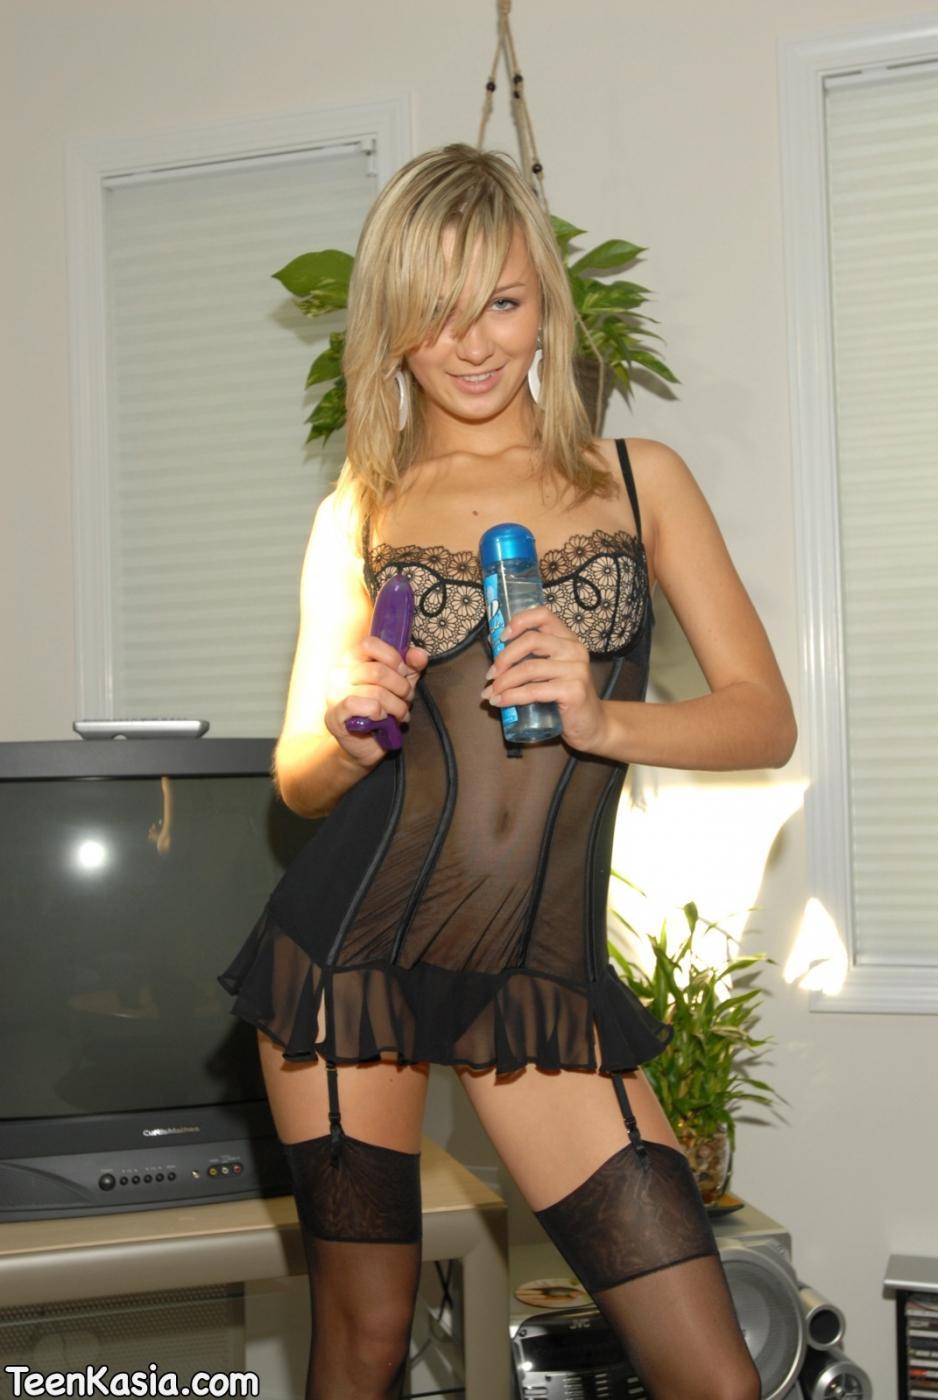 Модель со свелыми волосами на каблуках и в черном белье Teen Kasia обсасывает пальчик и трахает искуственный член свою дыру